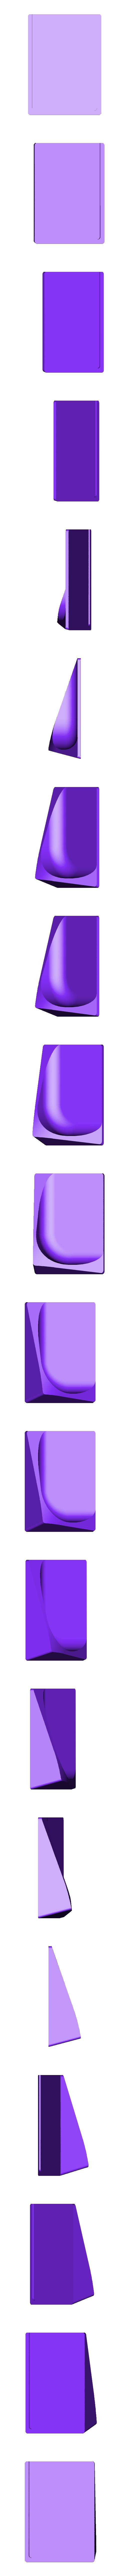 frame.stl Télécharger fichier STL Cadre photo, 148mm x 100mm • Objet à imprimer en 3D, Kimframes